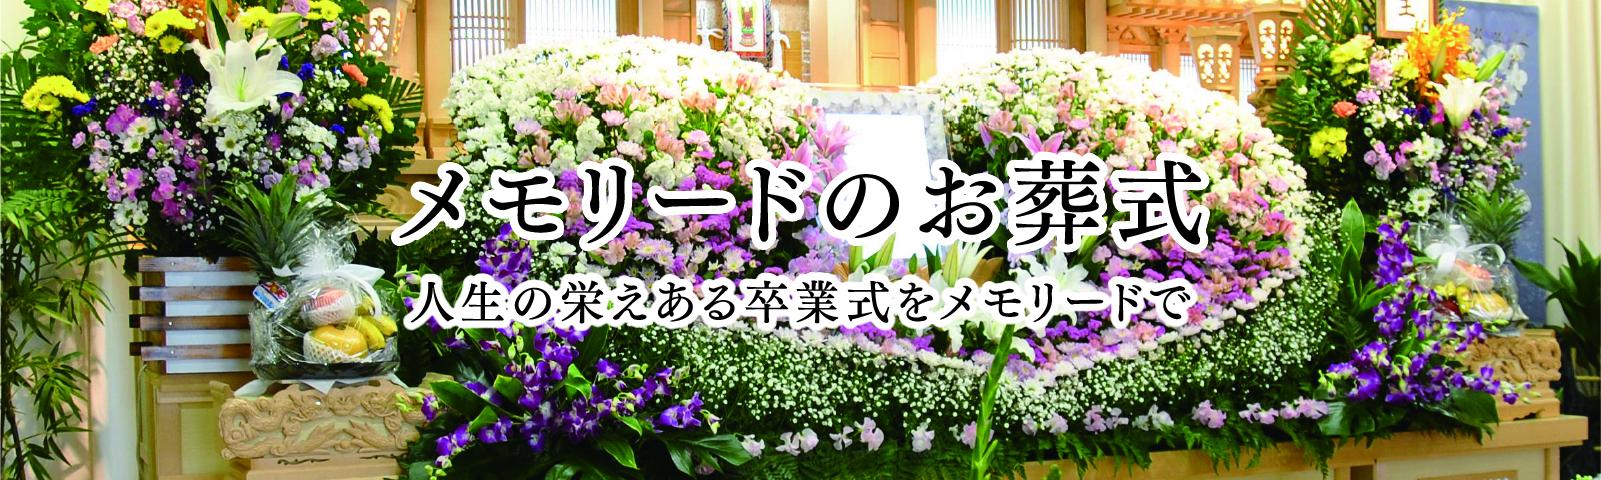 メモリードのお葬式 人生の栄えある卒業式をメモリードで